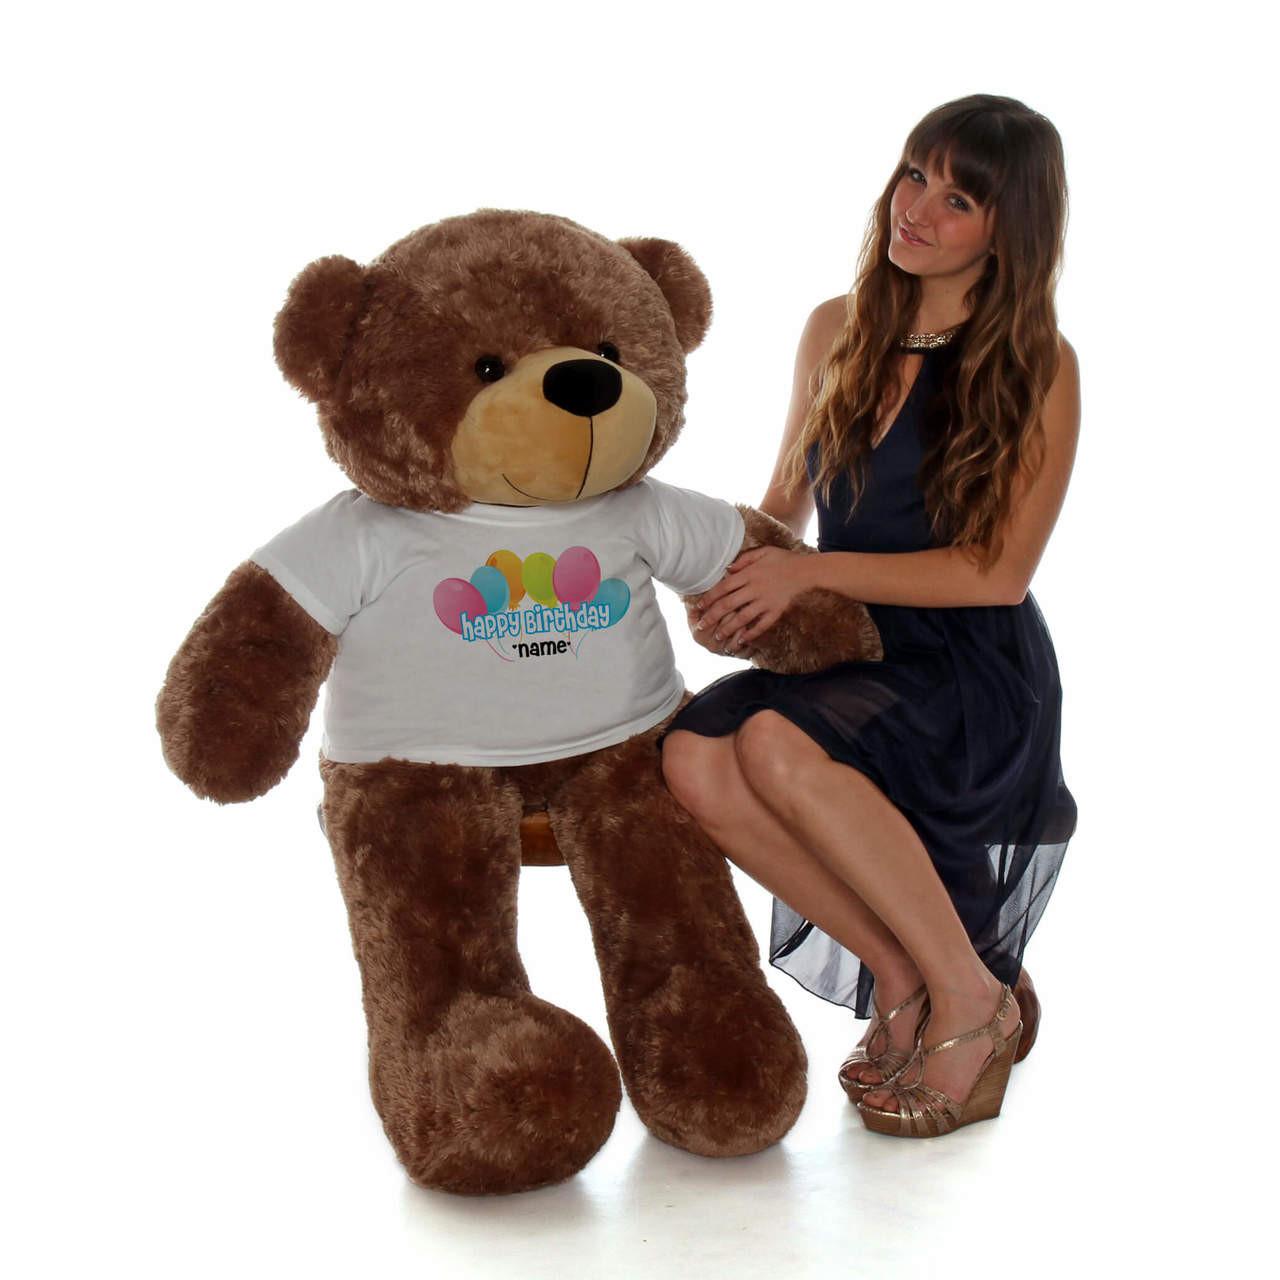 48in Mocha Sunny Cuddles Happy Birthday Personalized Teddy Bear